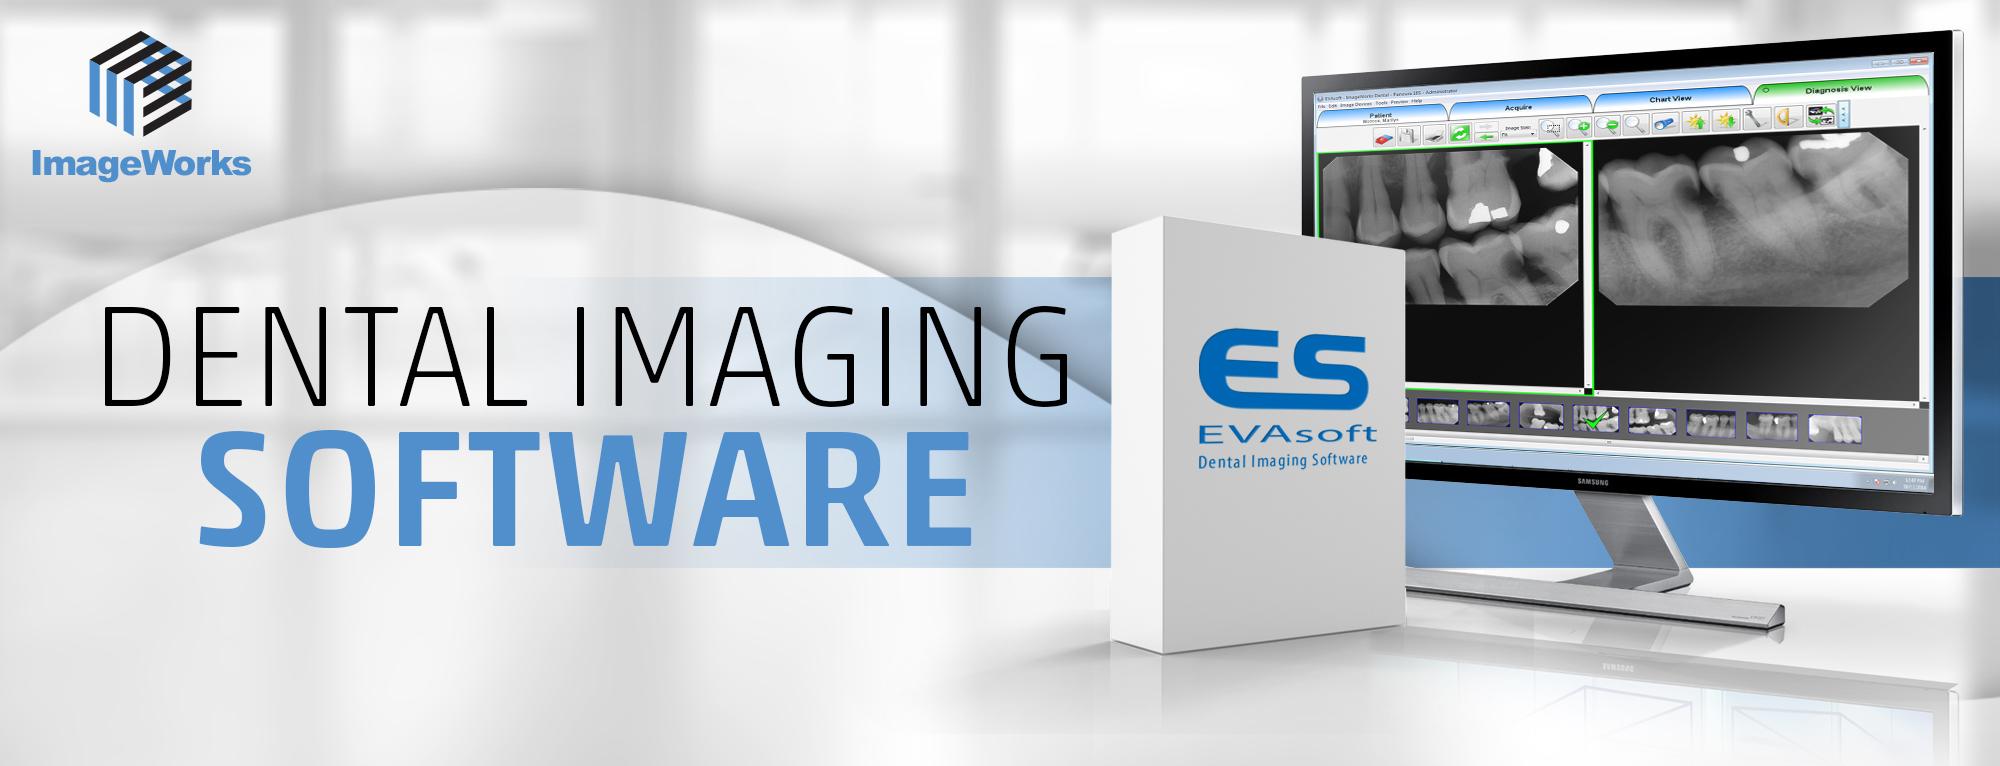 EvaSoft, Dental Imaging Software